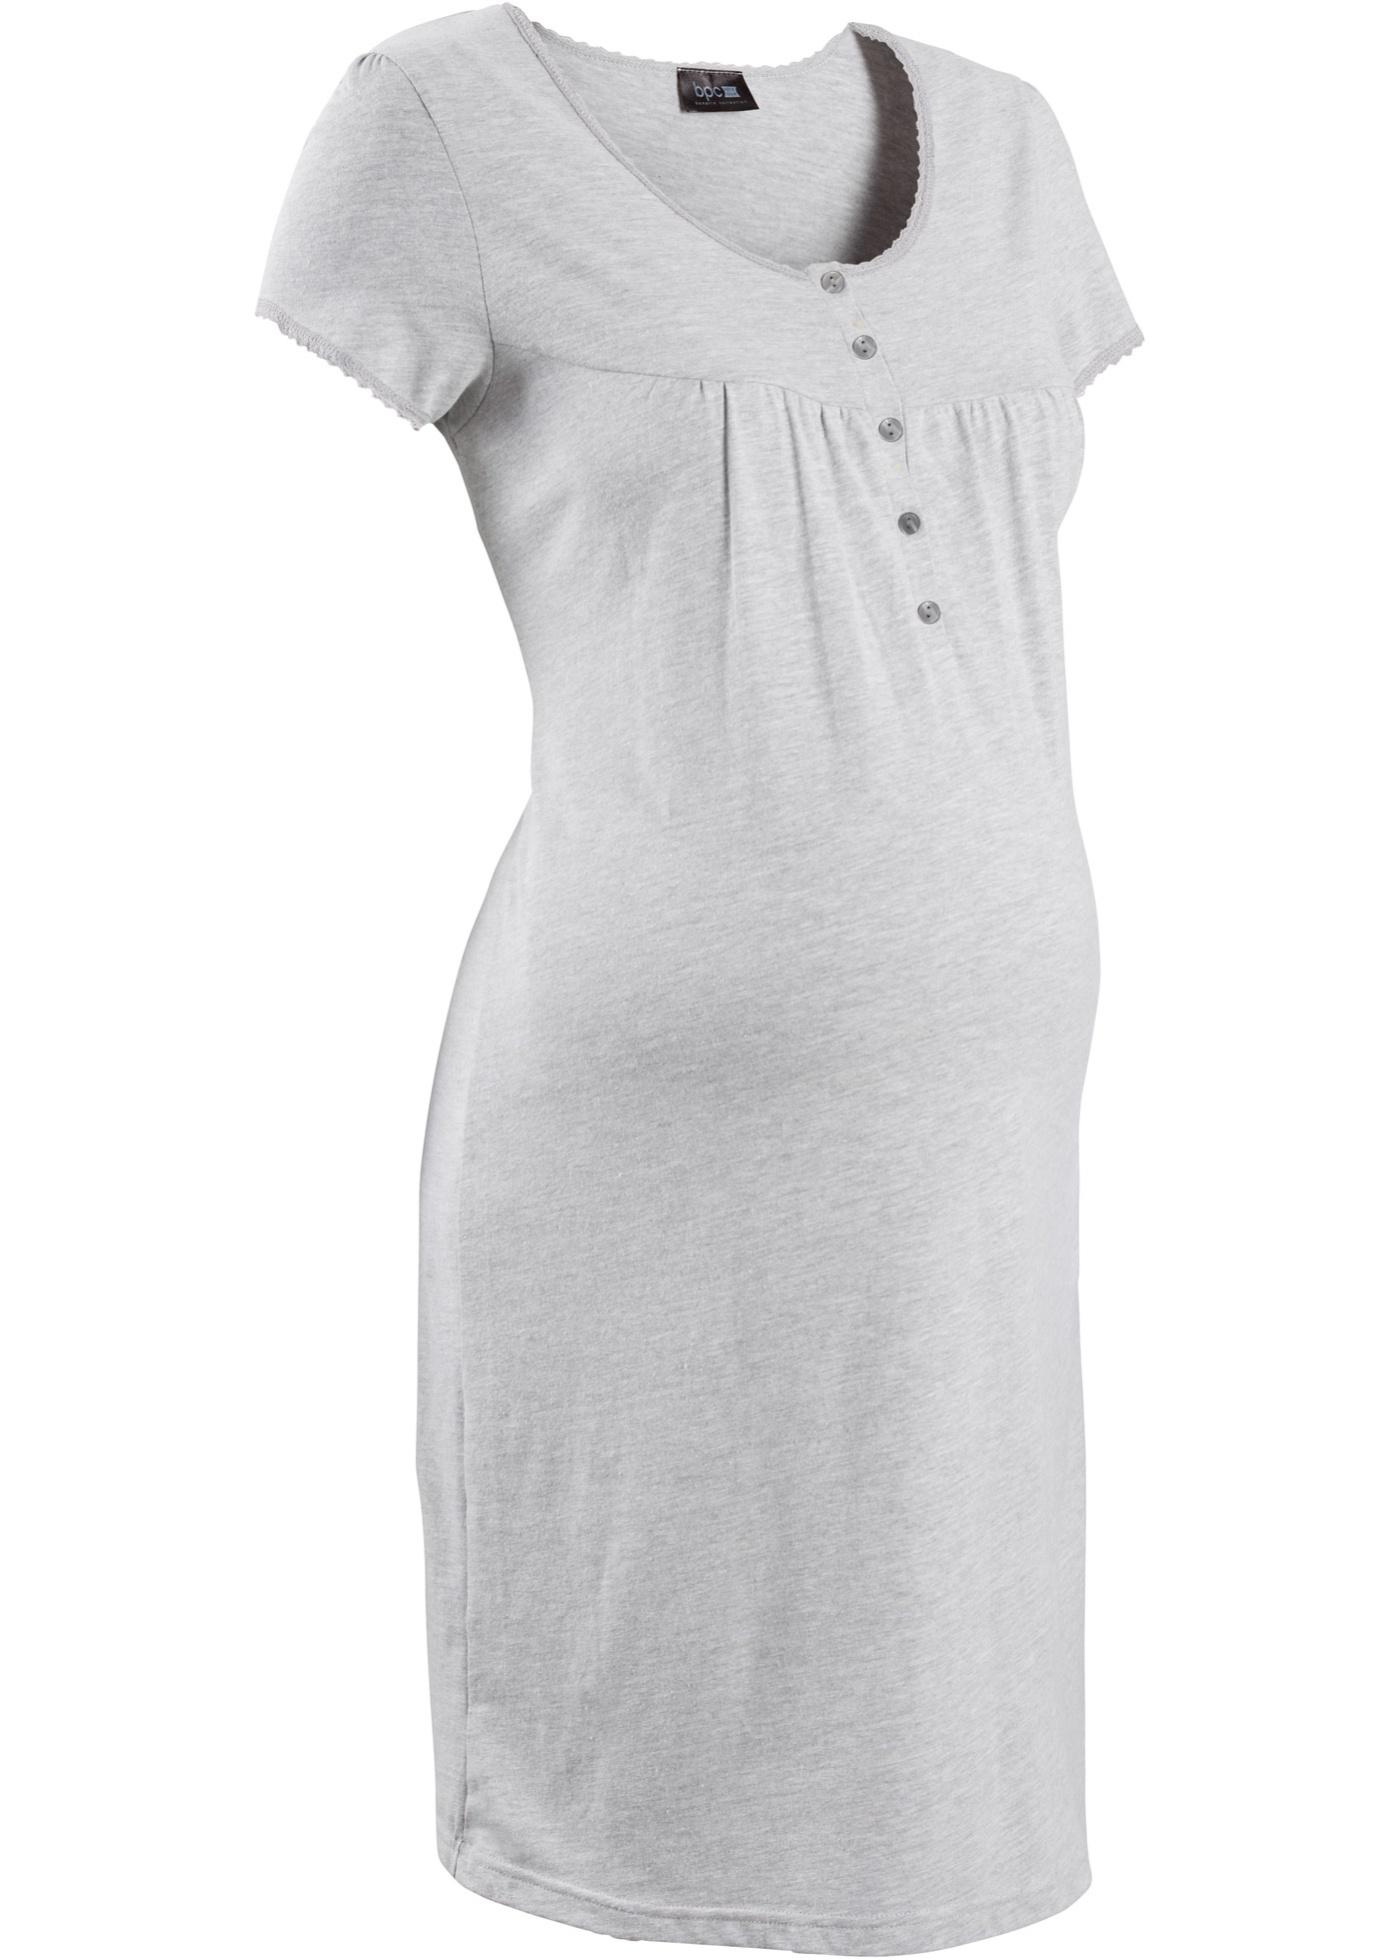 Camicia da notte prémaman (Grigio) - bpc bonprix collection - Nice Size